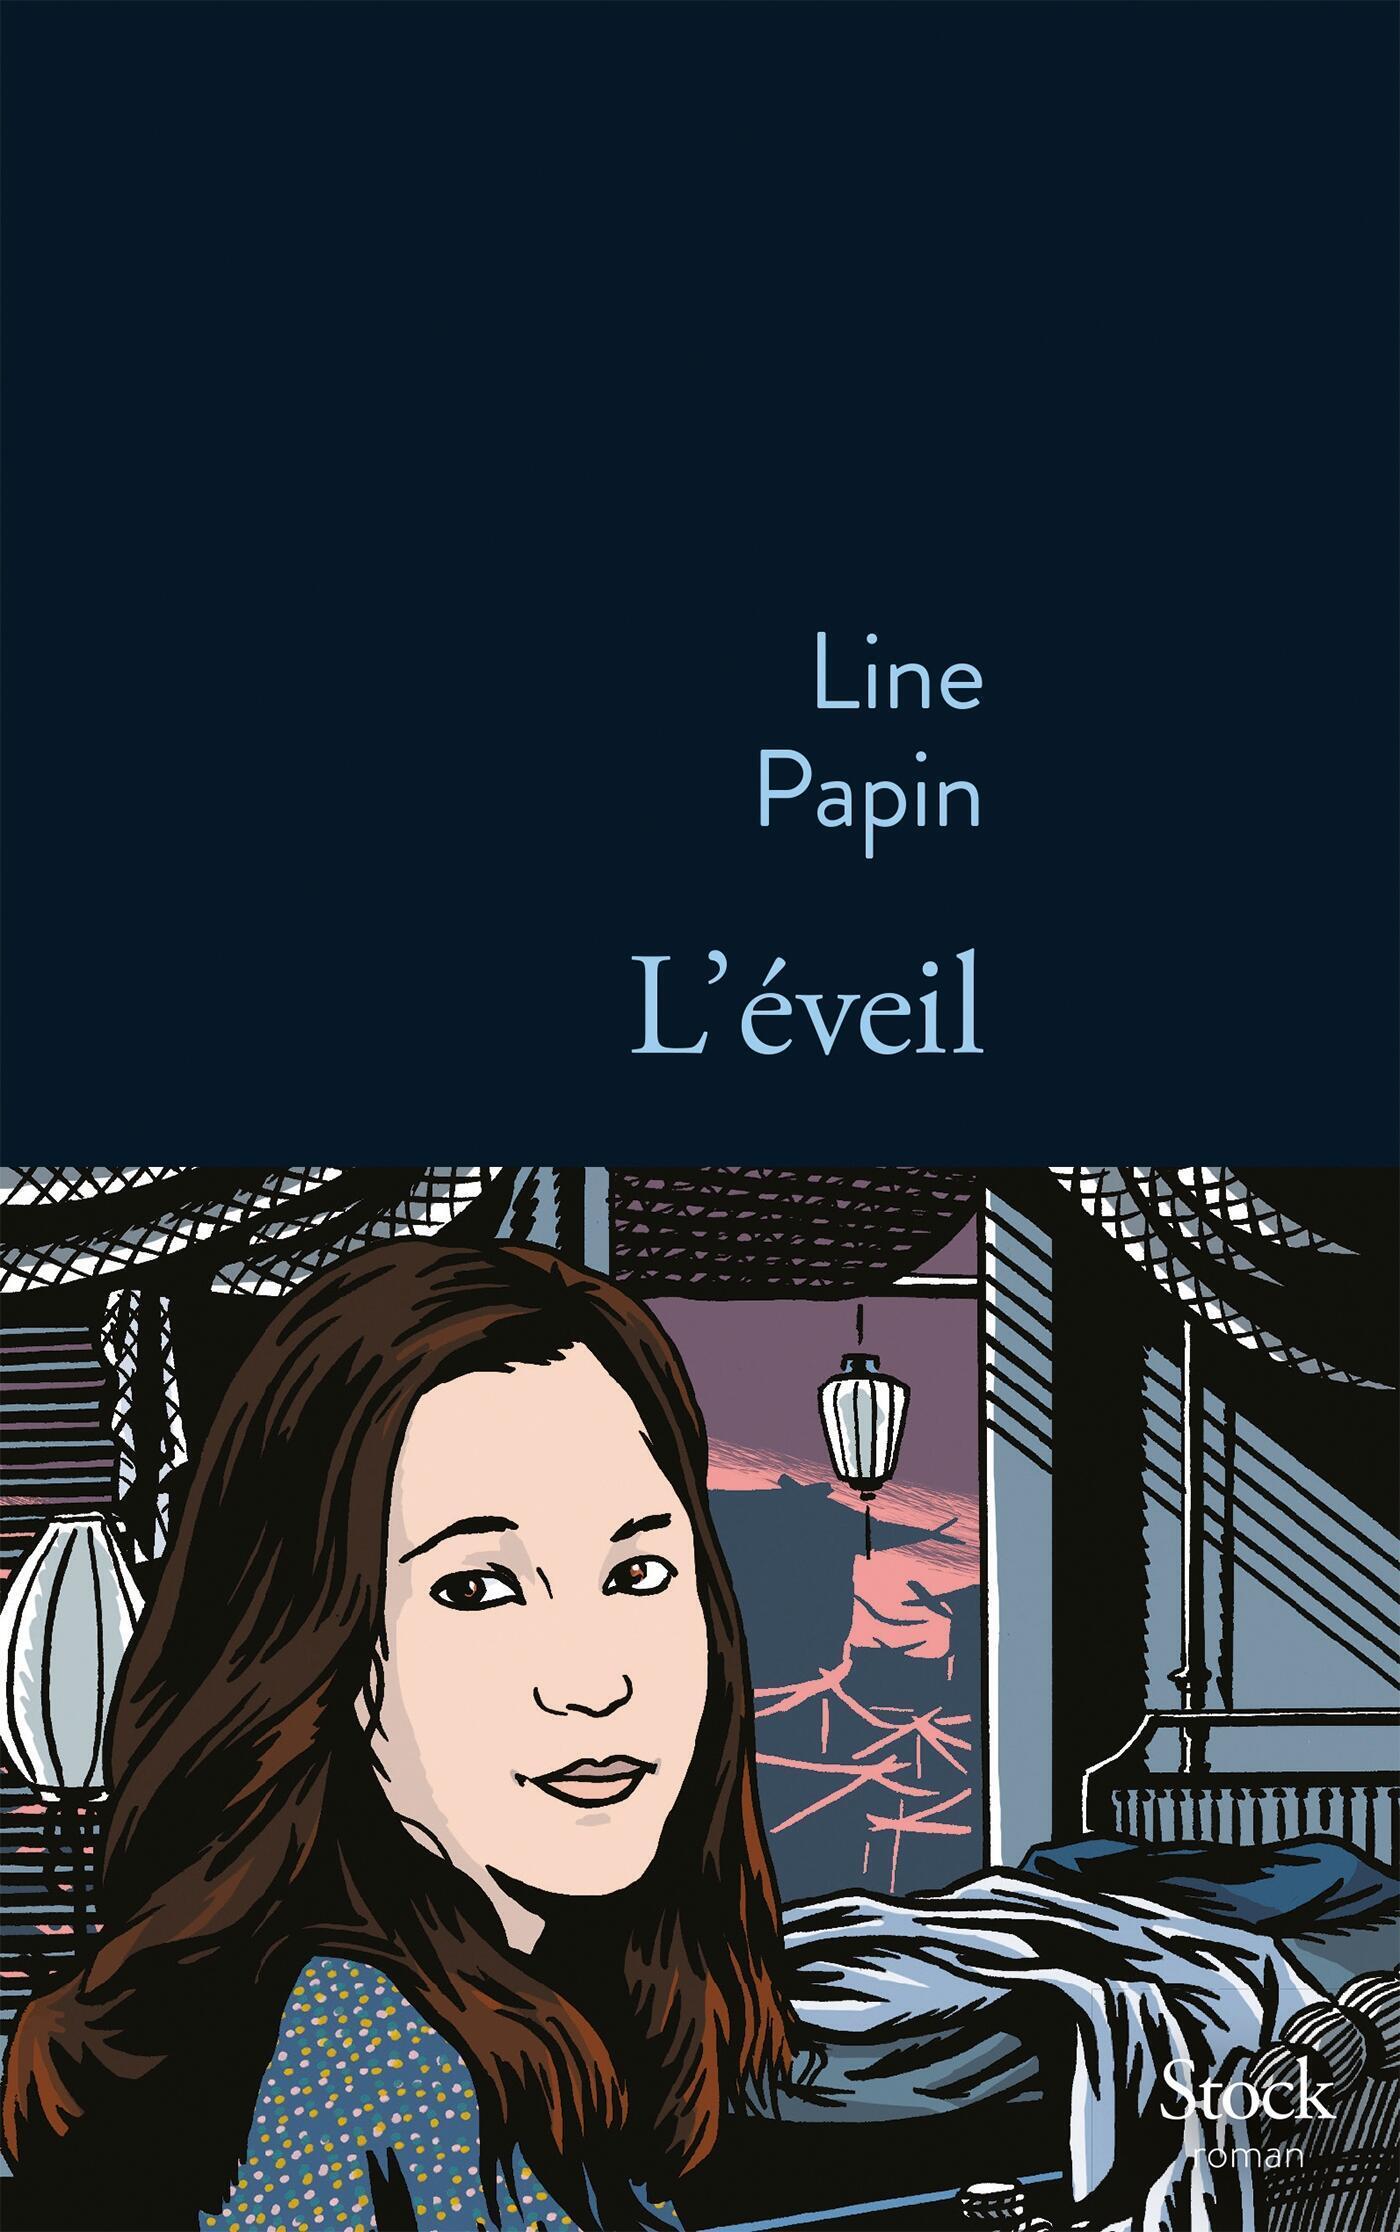 Bìa cuốn sách L'éveil (Thức tỉnh) của nhà văn Pháp Line Papin.